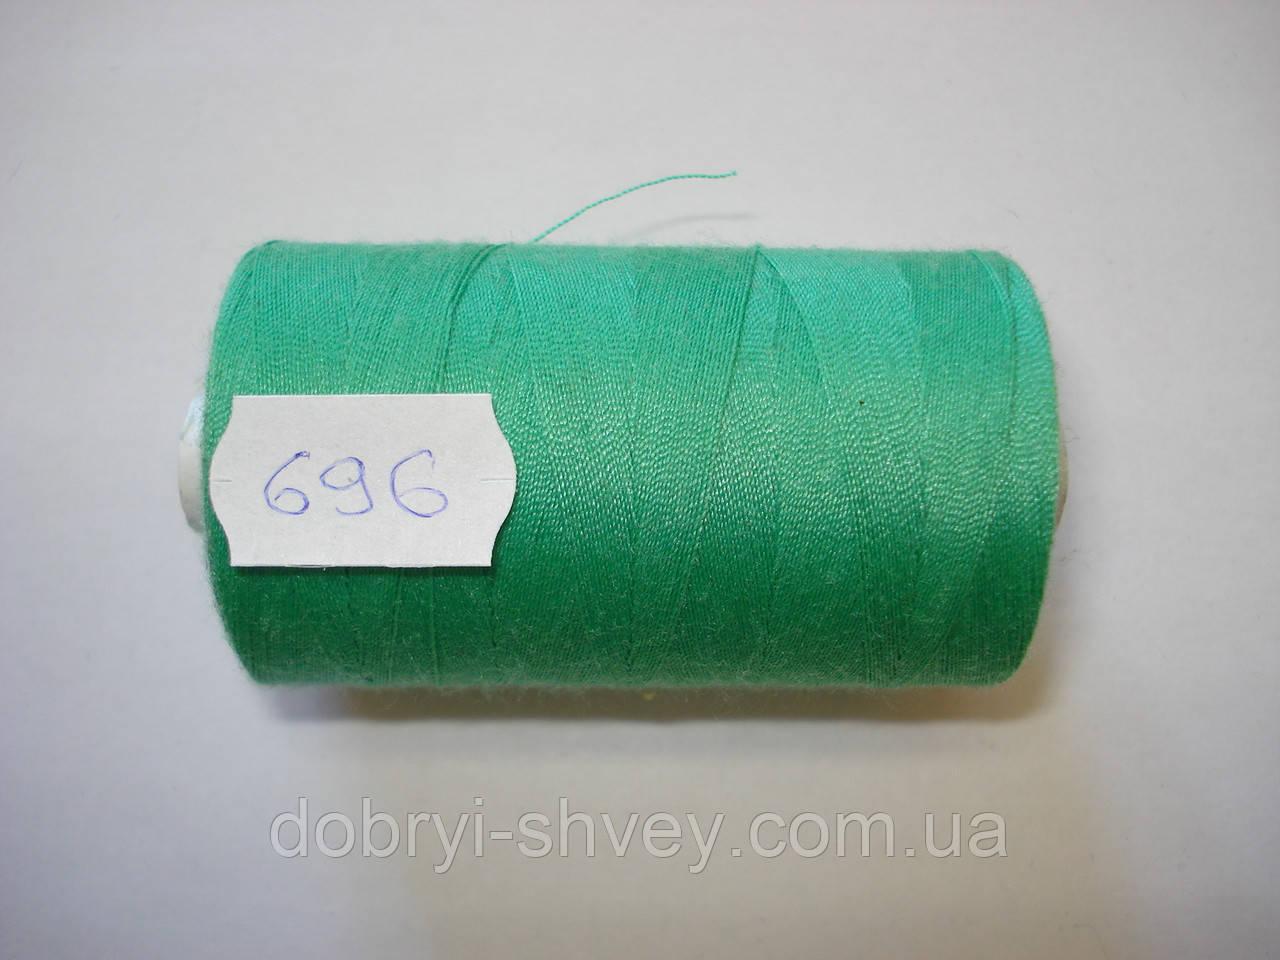 Нитка TRIGAN №80 1000м.col 696 бледно-салатовый (шт.)